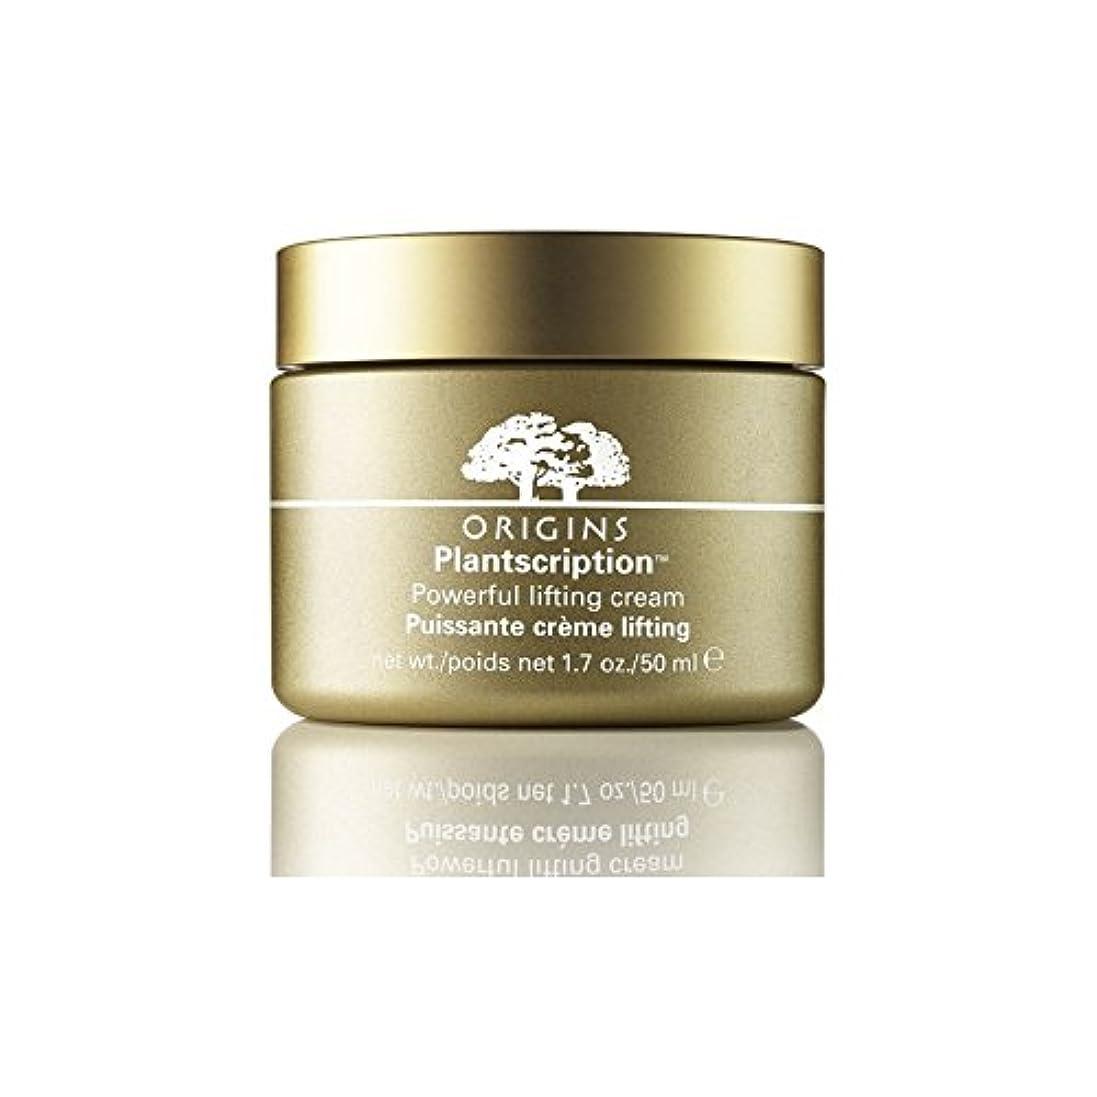 忌み嫌うレジ実験室Origins Plantscription Powerful Lifting Cream 50ml - 起源強力なリフティングクリーム50 [並行輸入品]